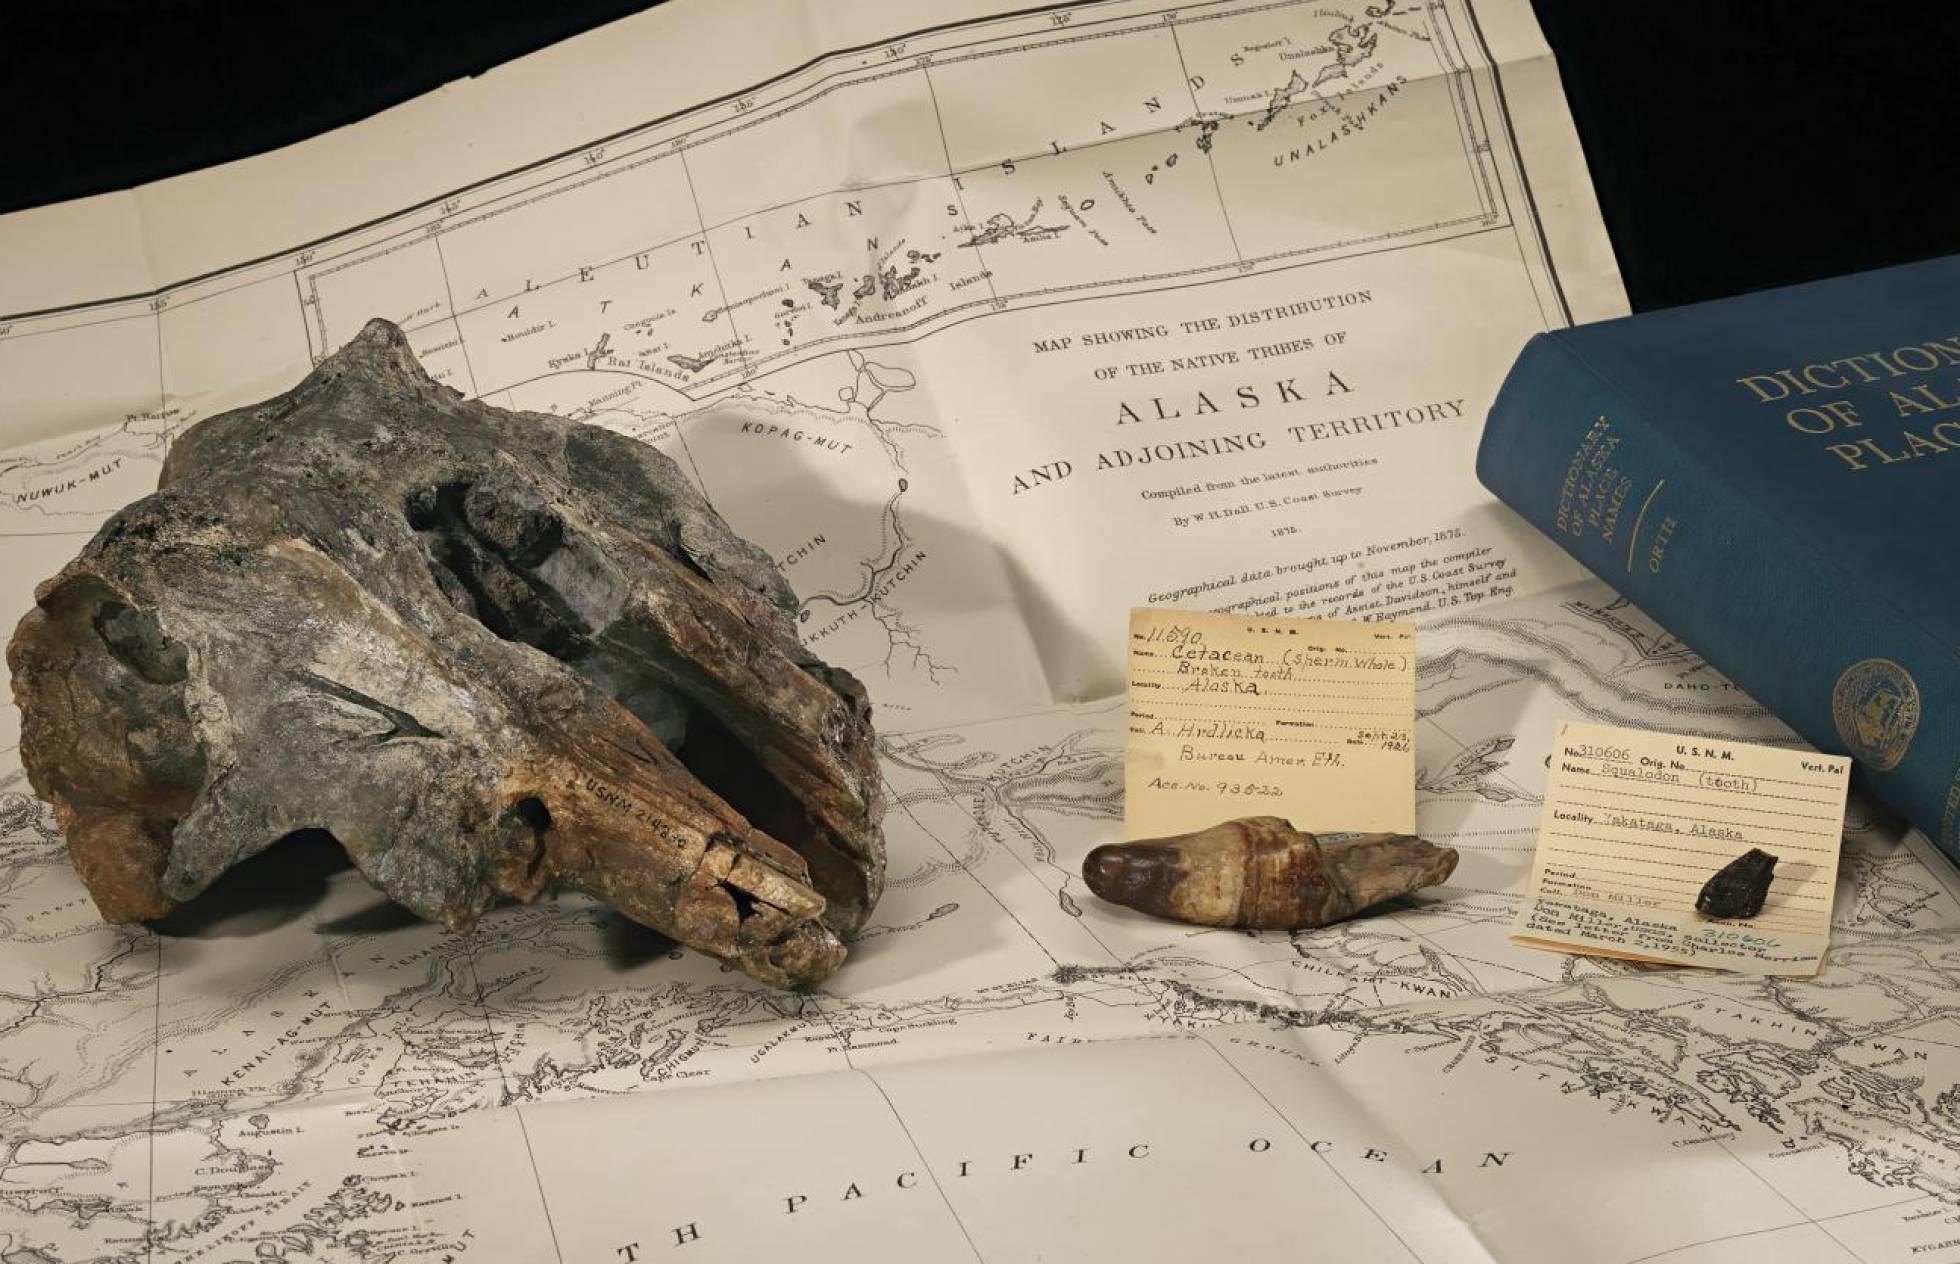 El fósil del delfín estudiado junto a un mapa del lugar dónde fue hallado. James Di Loreto Smithsonian)